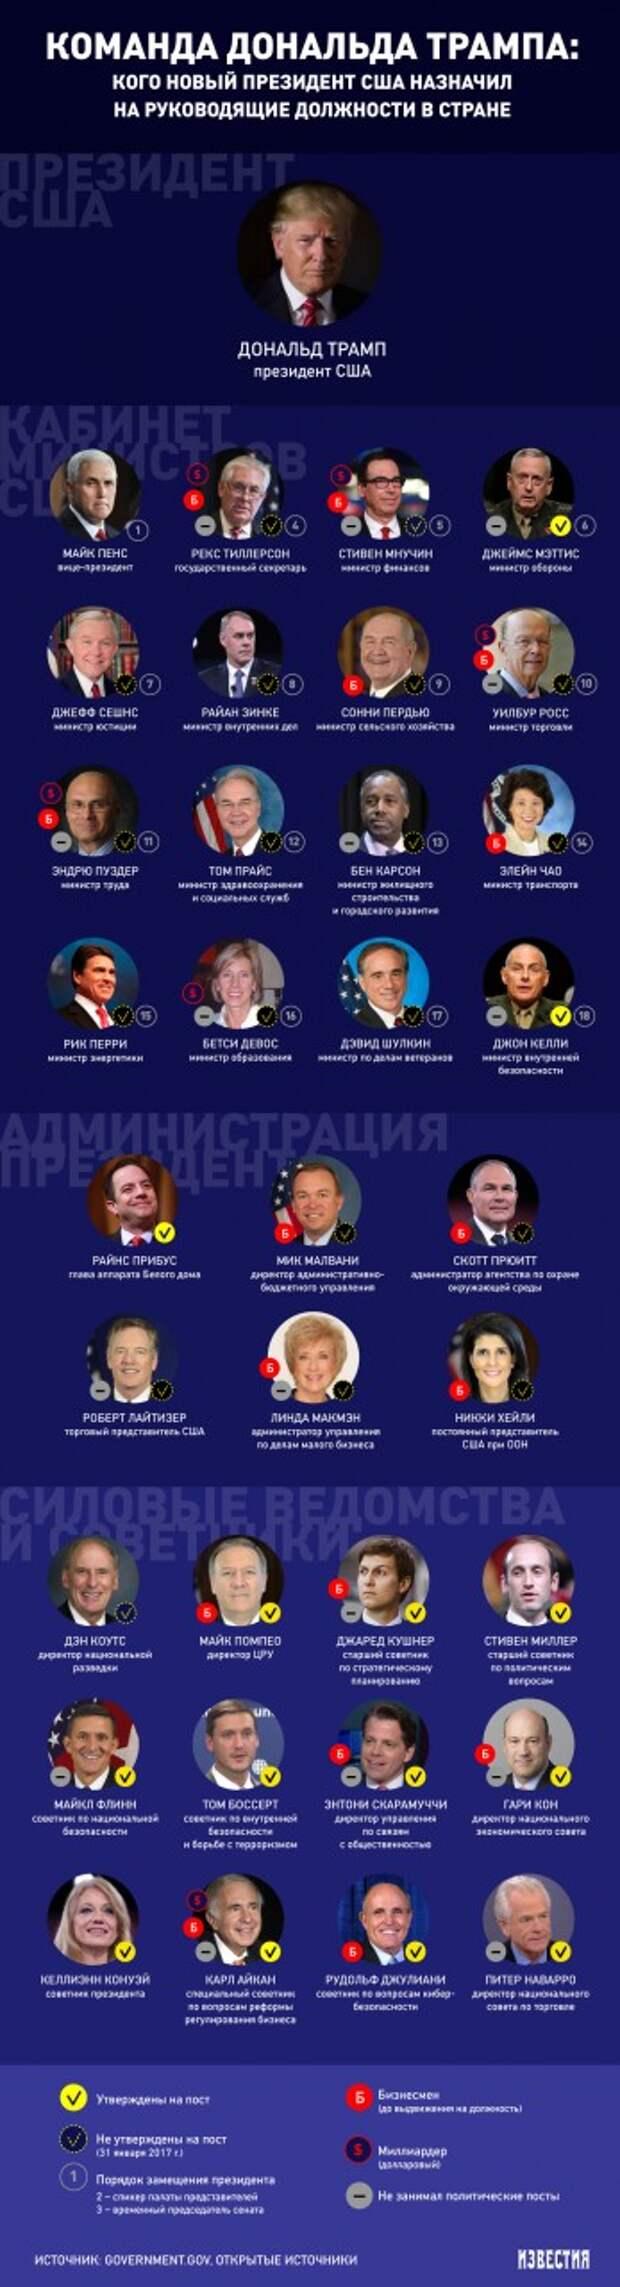 Бизнес-команда: люди, которые помогут Трампу руководить страной